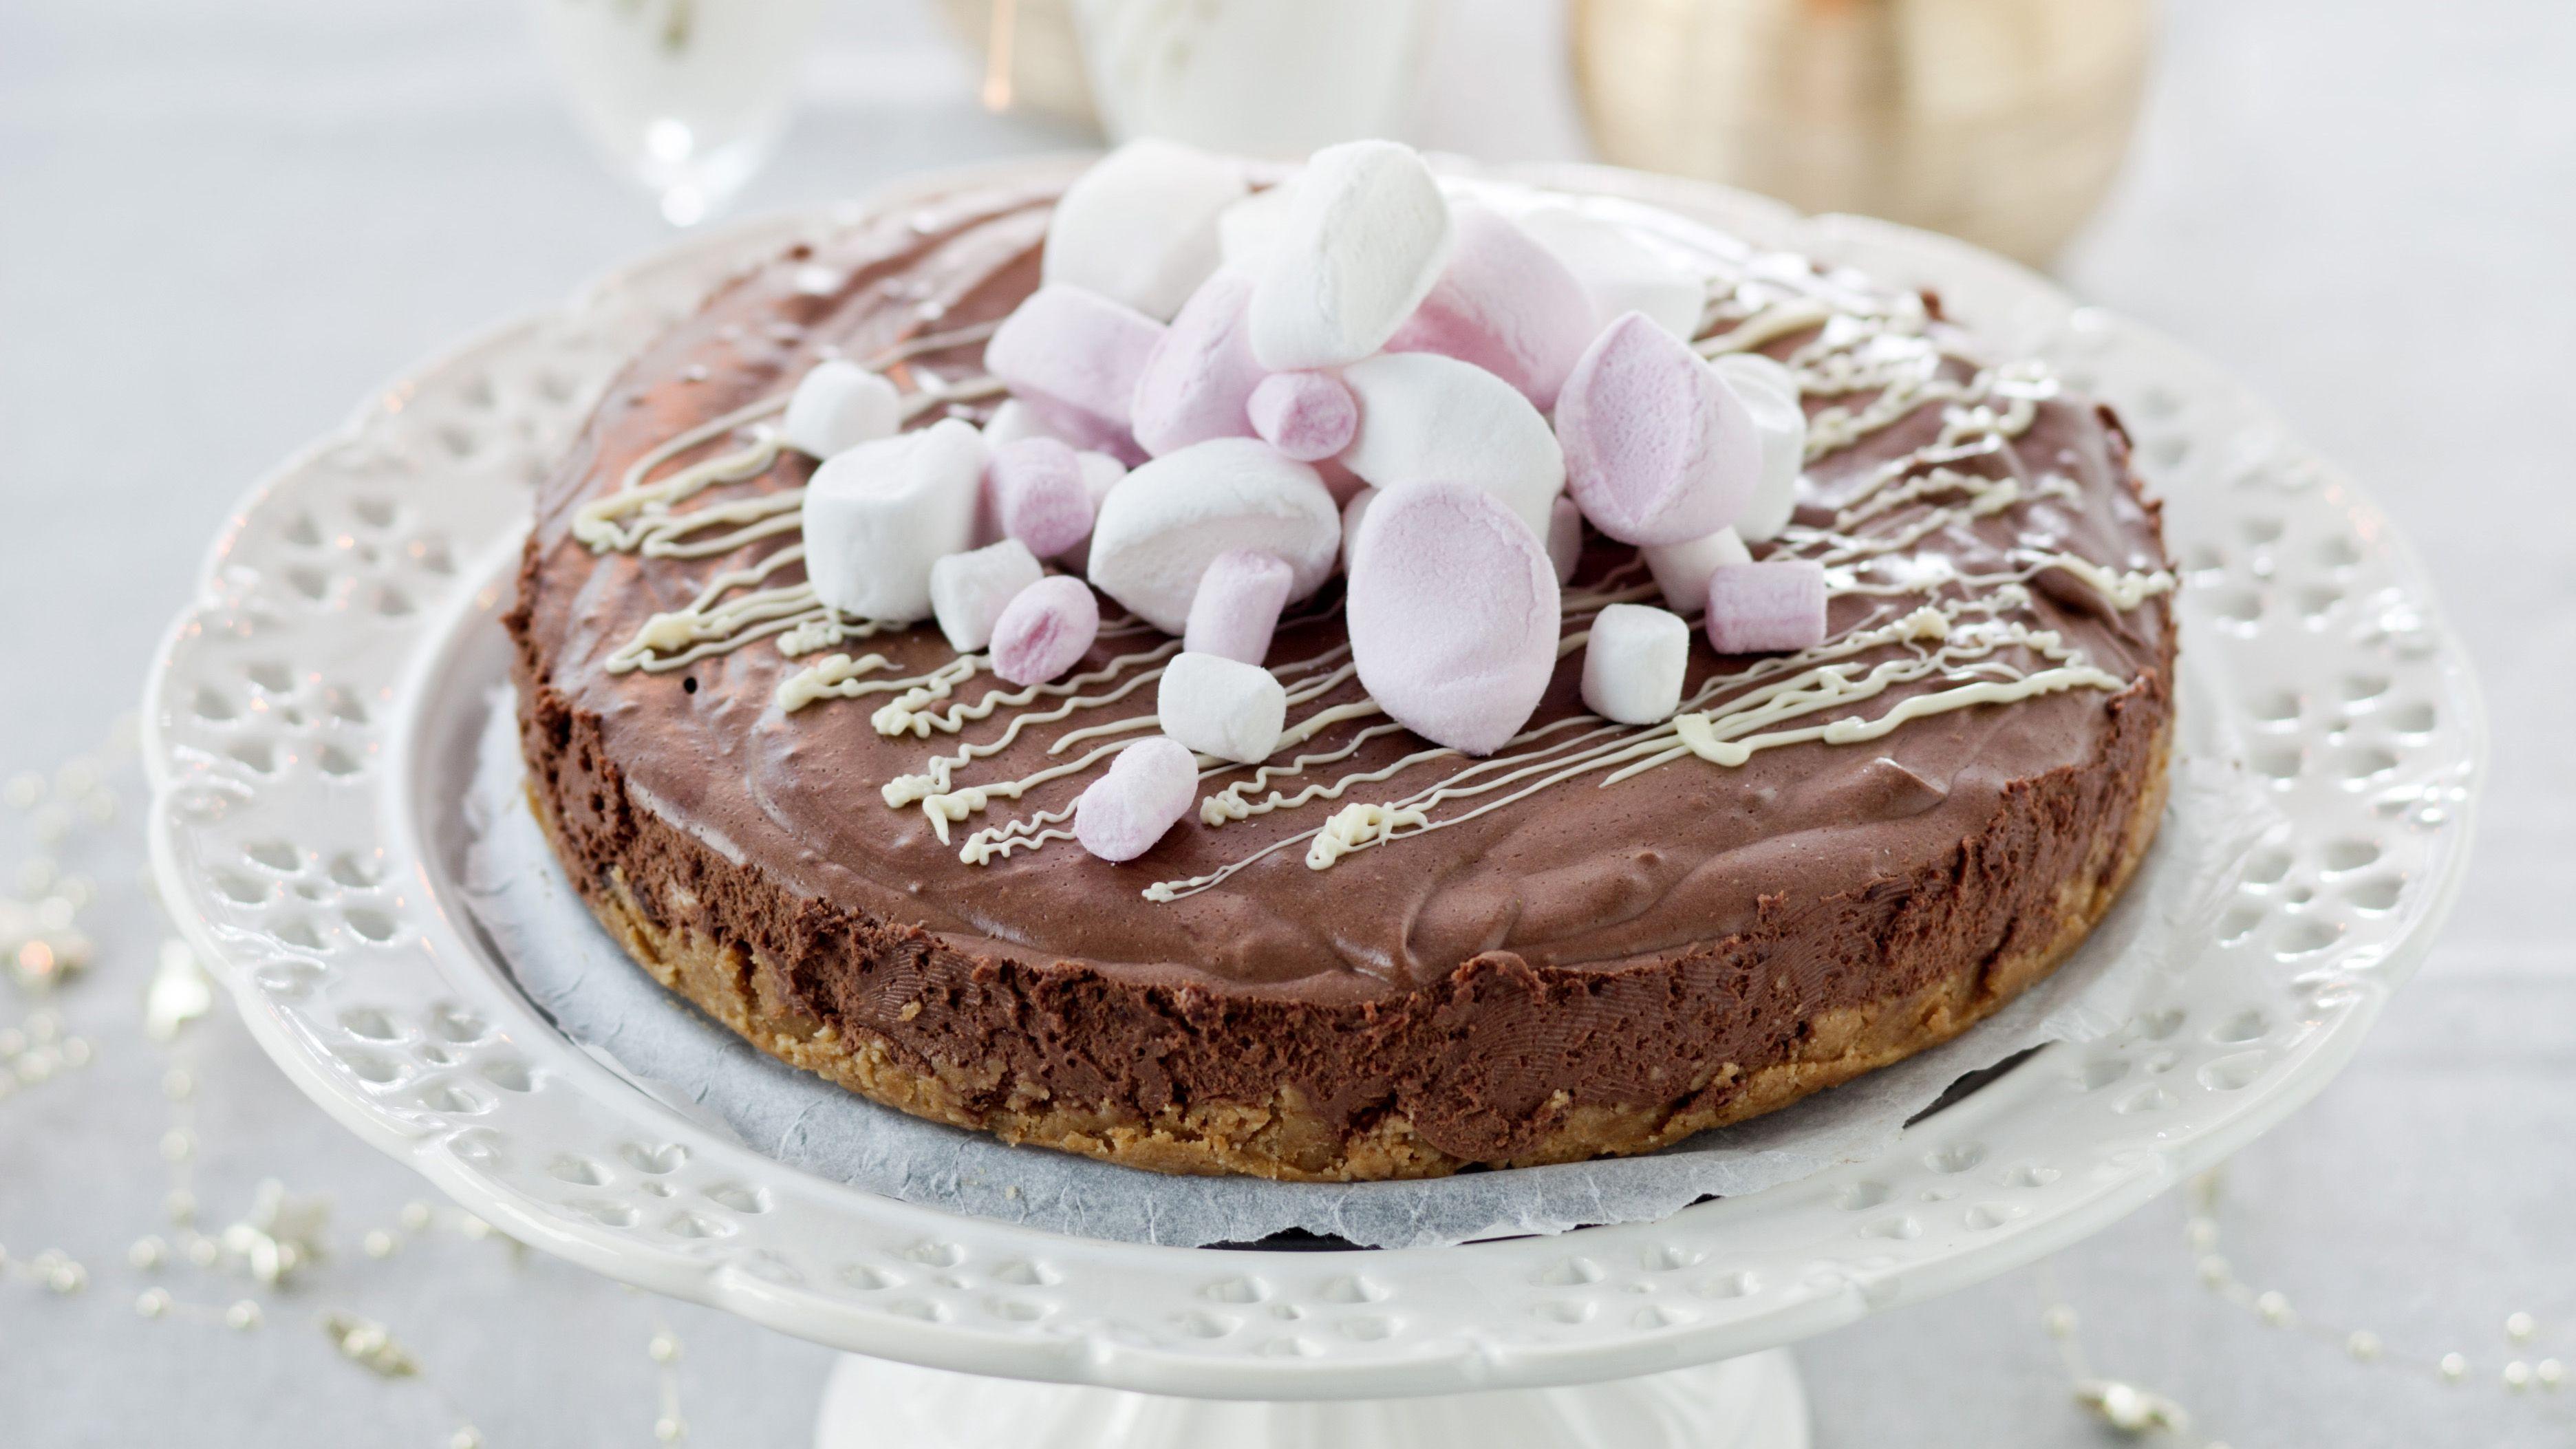 Suklaajuustokakku maistuu suklaalle ja appelsiinille. Kakku hyytyy osittain suklaalla ja osittain liivatelehdillä.